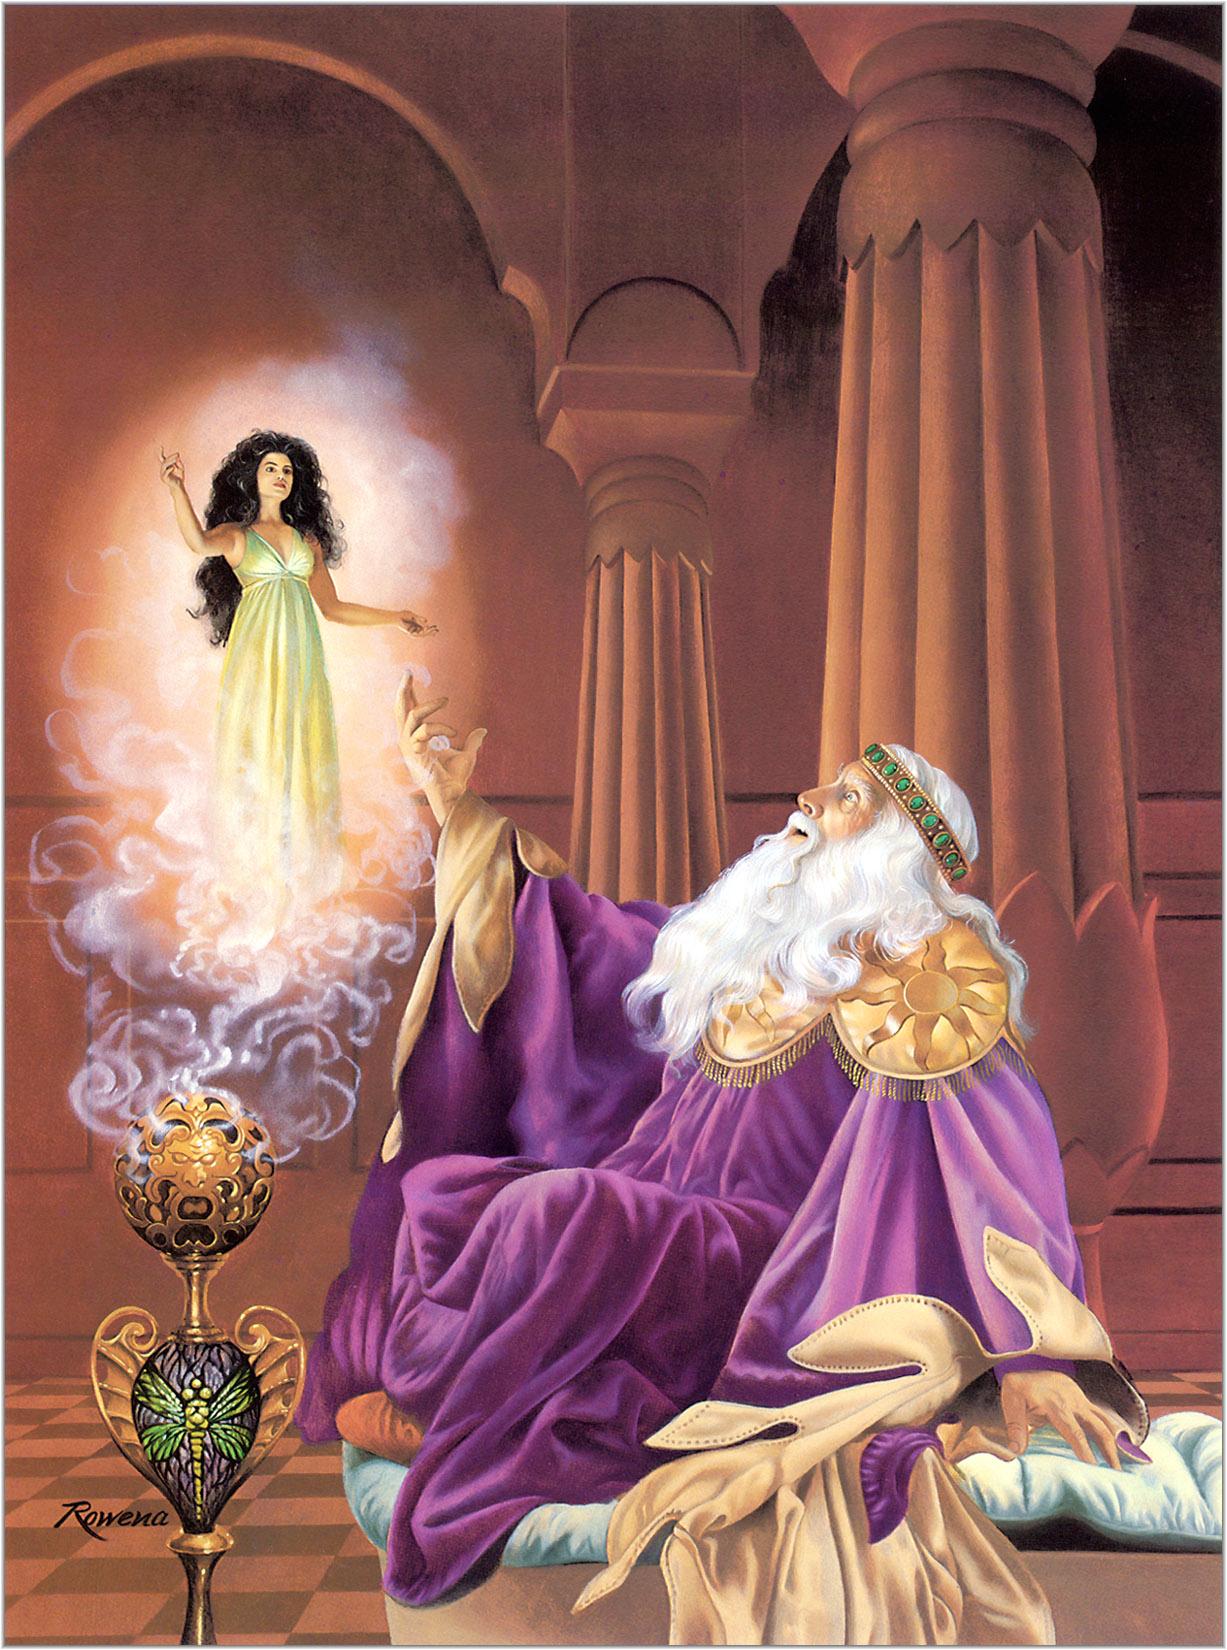 Rowena Morrill Rowena_Morrill_The_Last_Incantation